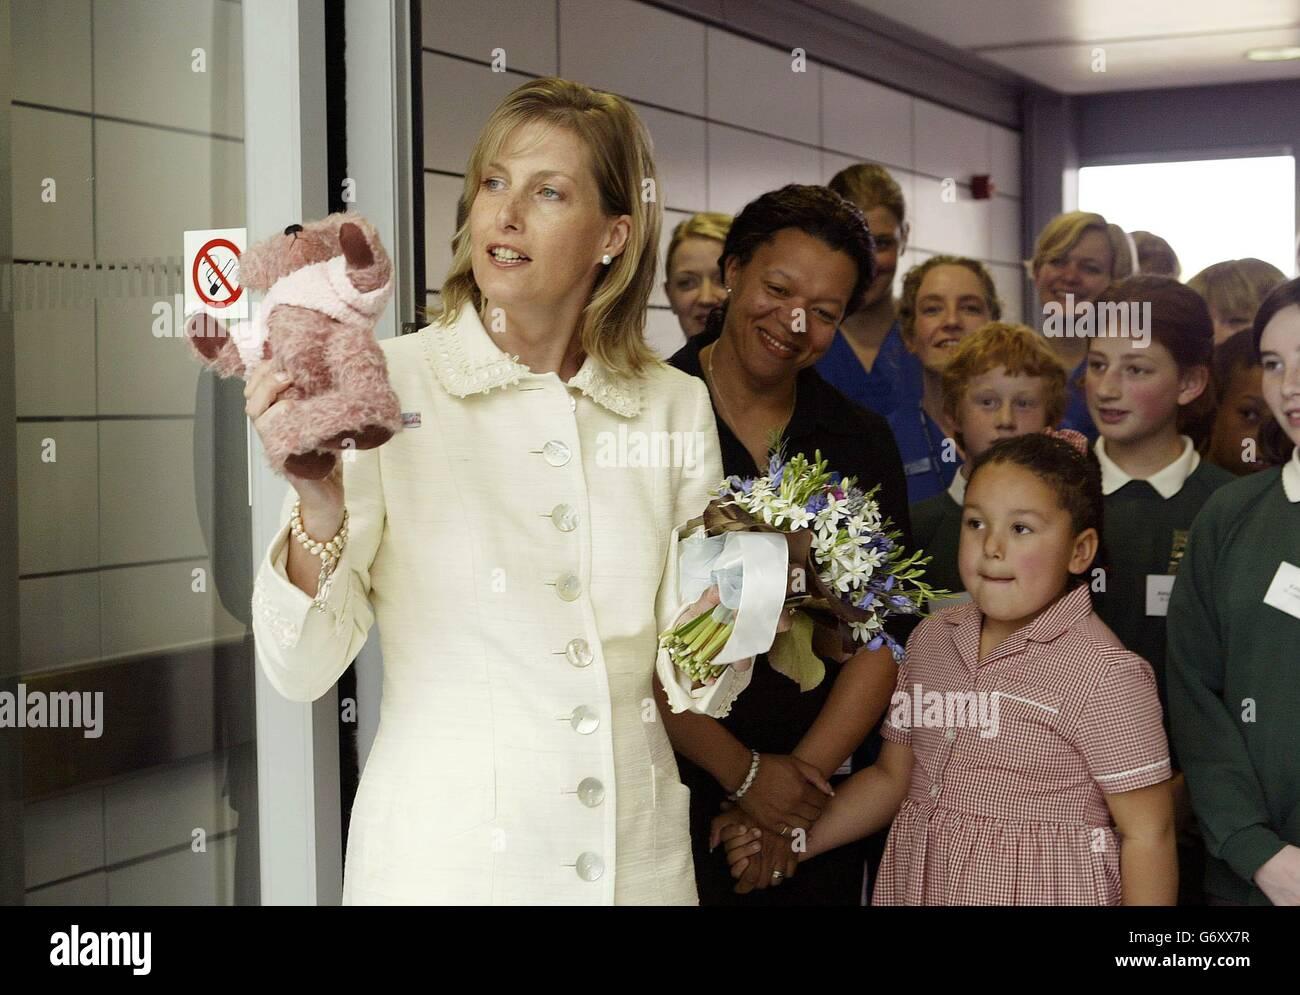 La Contessa di Wessex, nel suo primo giorno di impegni ufficiali dalla nascita di sua figlia, apre il nuovo Dipartimento di emergenza del John Radcliffe Hospital di Oxford, dove è stata presentata con un orsacchiotto rosa per la bambina Lady Louise. Foto Stock